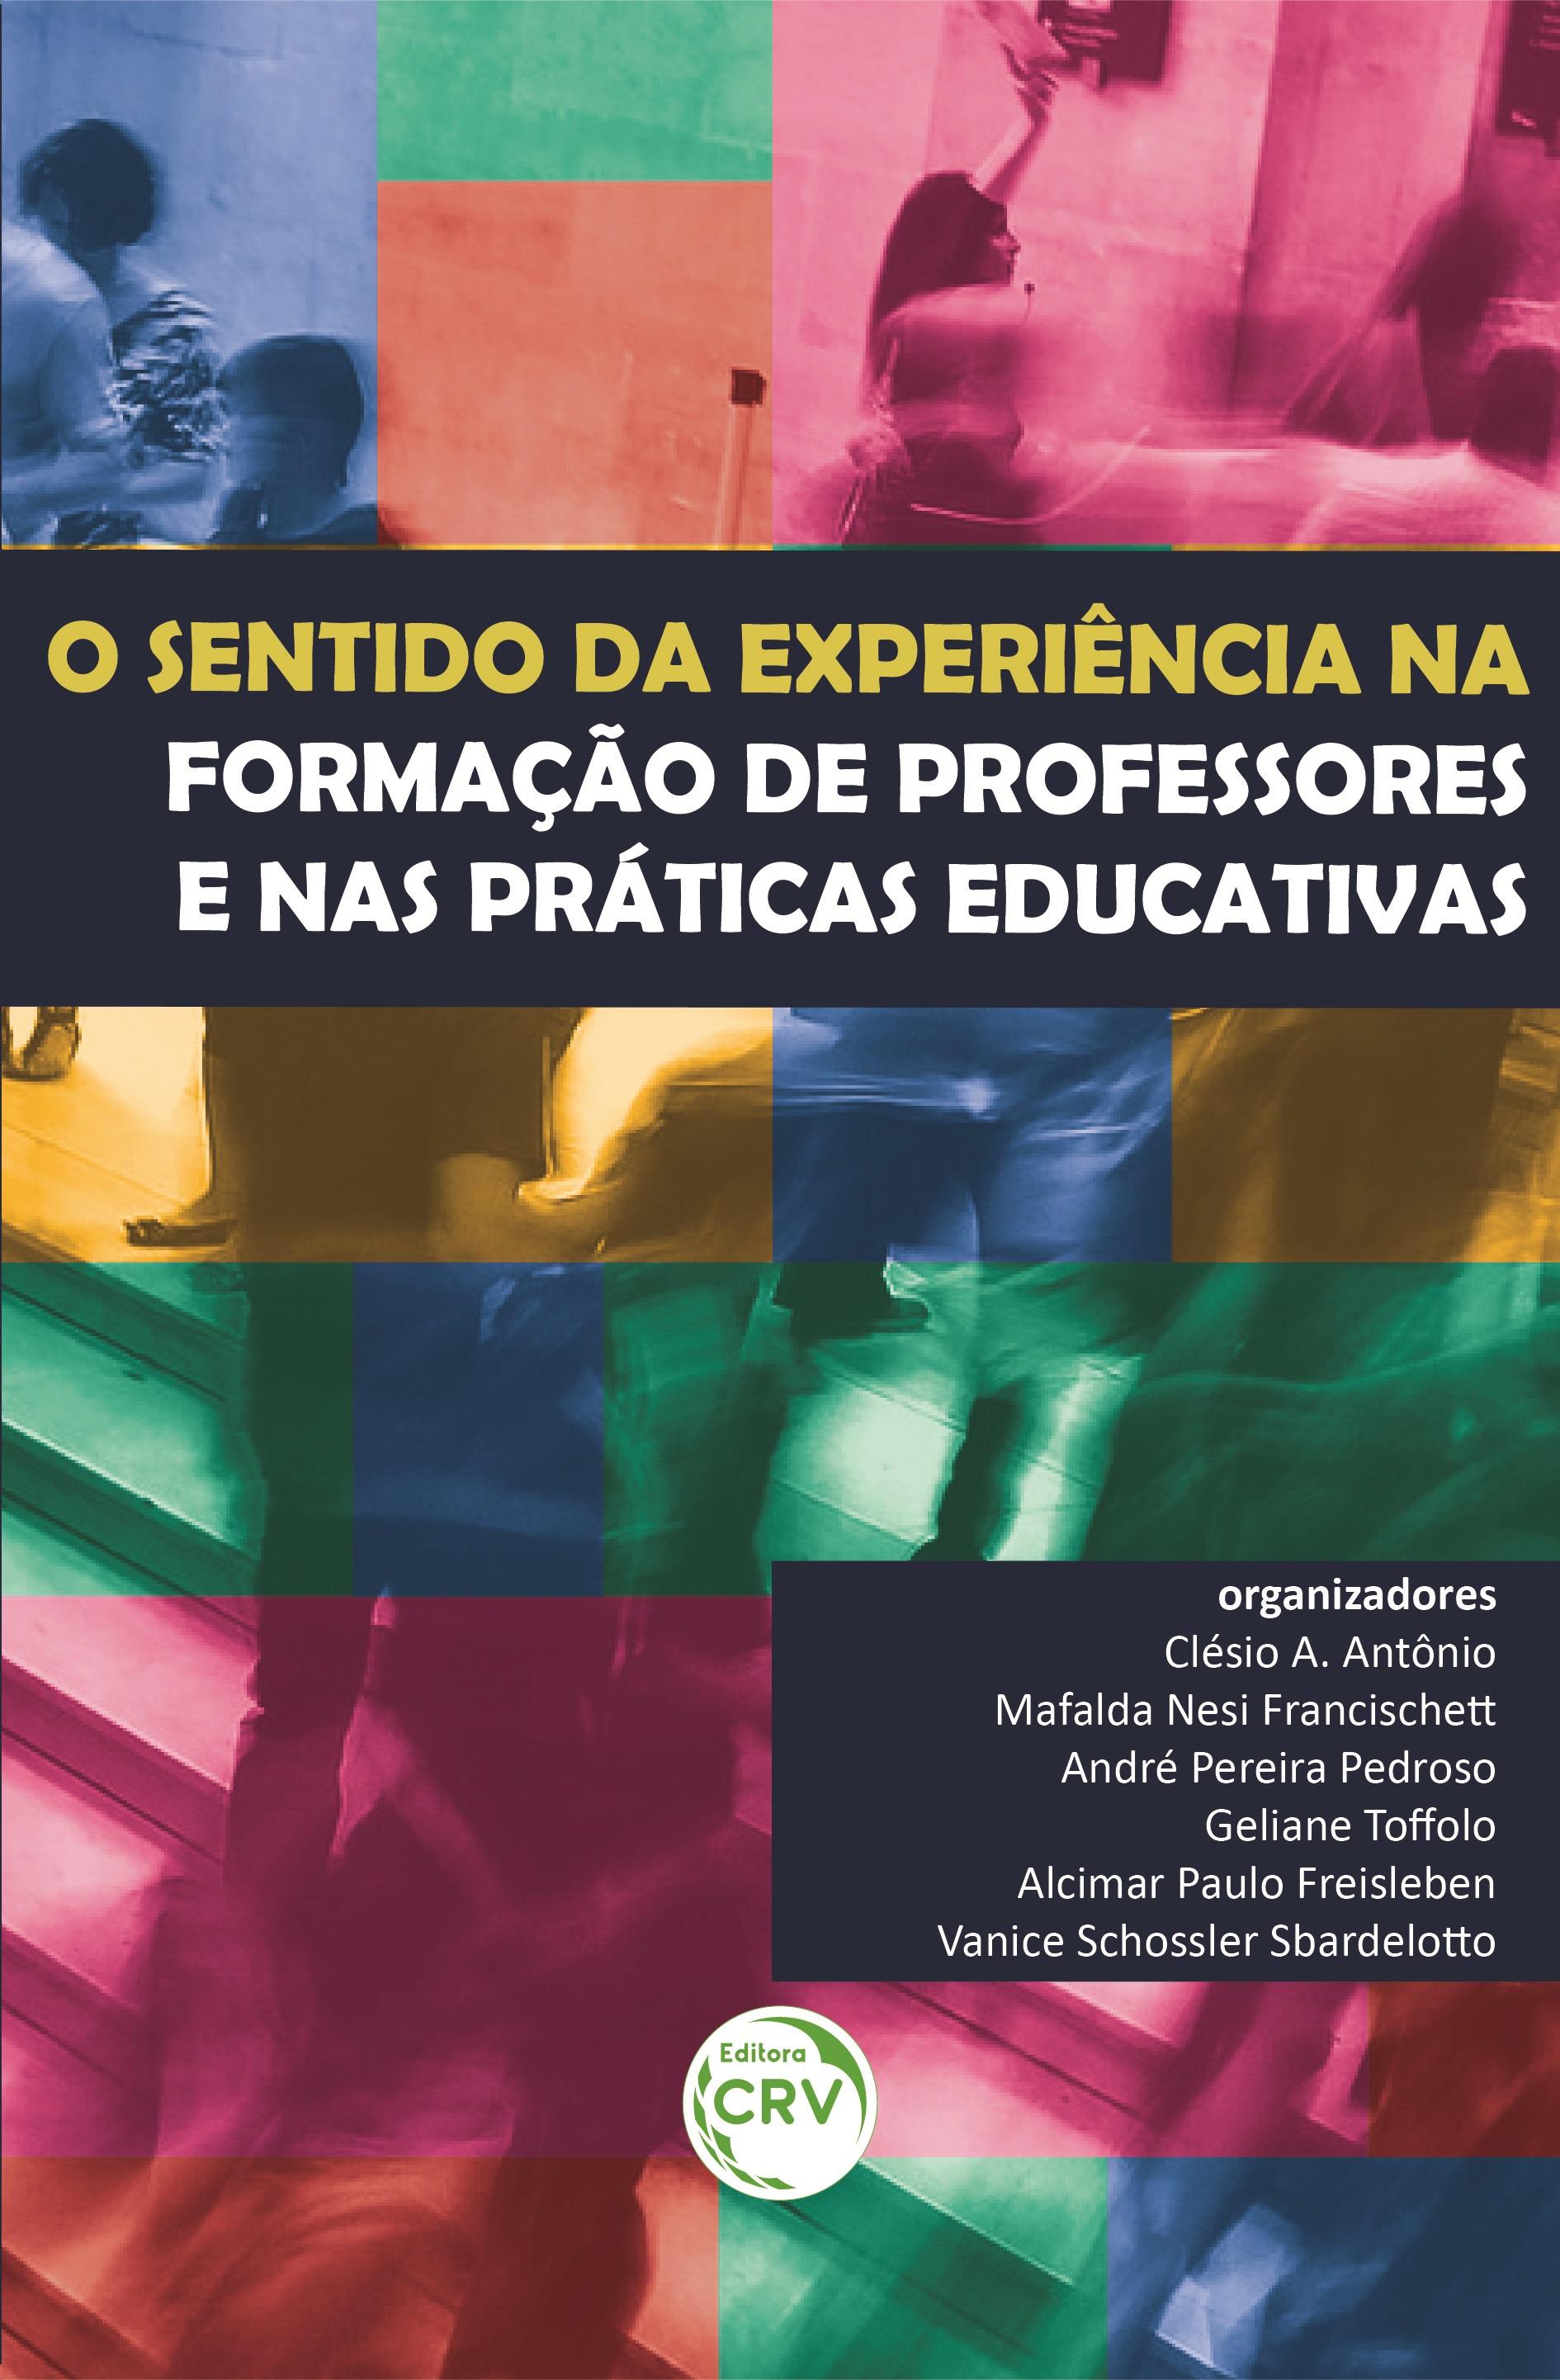 Capa do livro: O SENTIDO DA EXPERIÊNCIA NA FORMAÇÃO DE PROFESSORES E NAS PRÁTICAS EDUCATIVAS